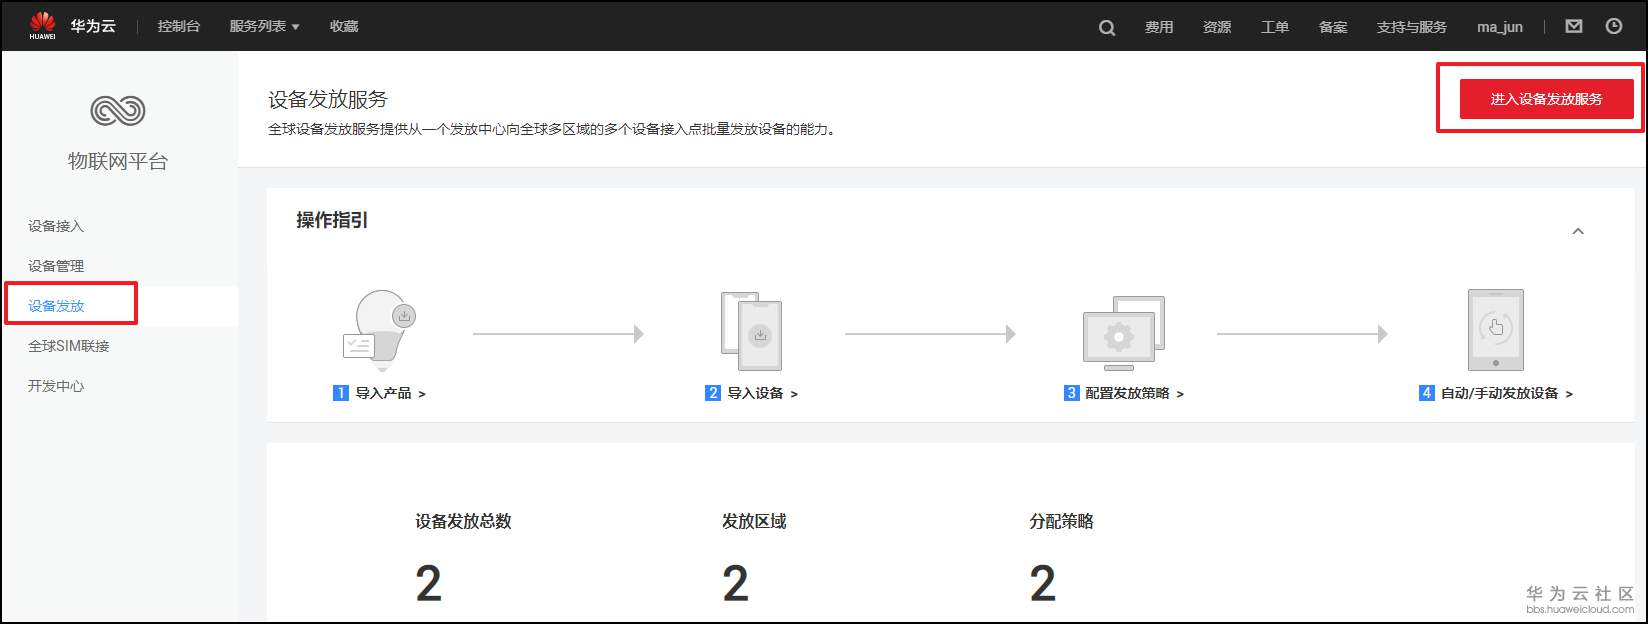 zh-cn_bs_cloud_001.png